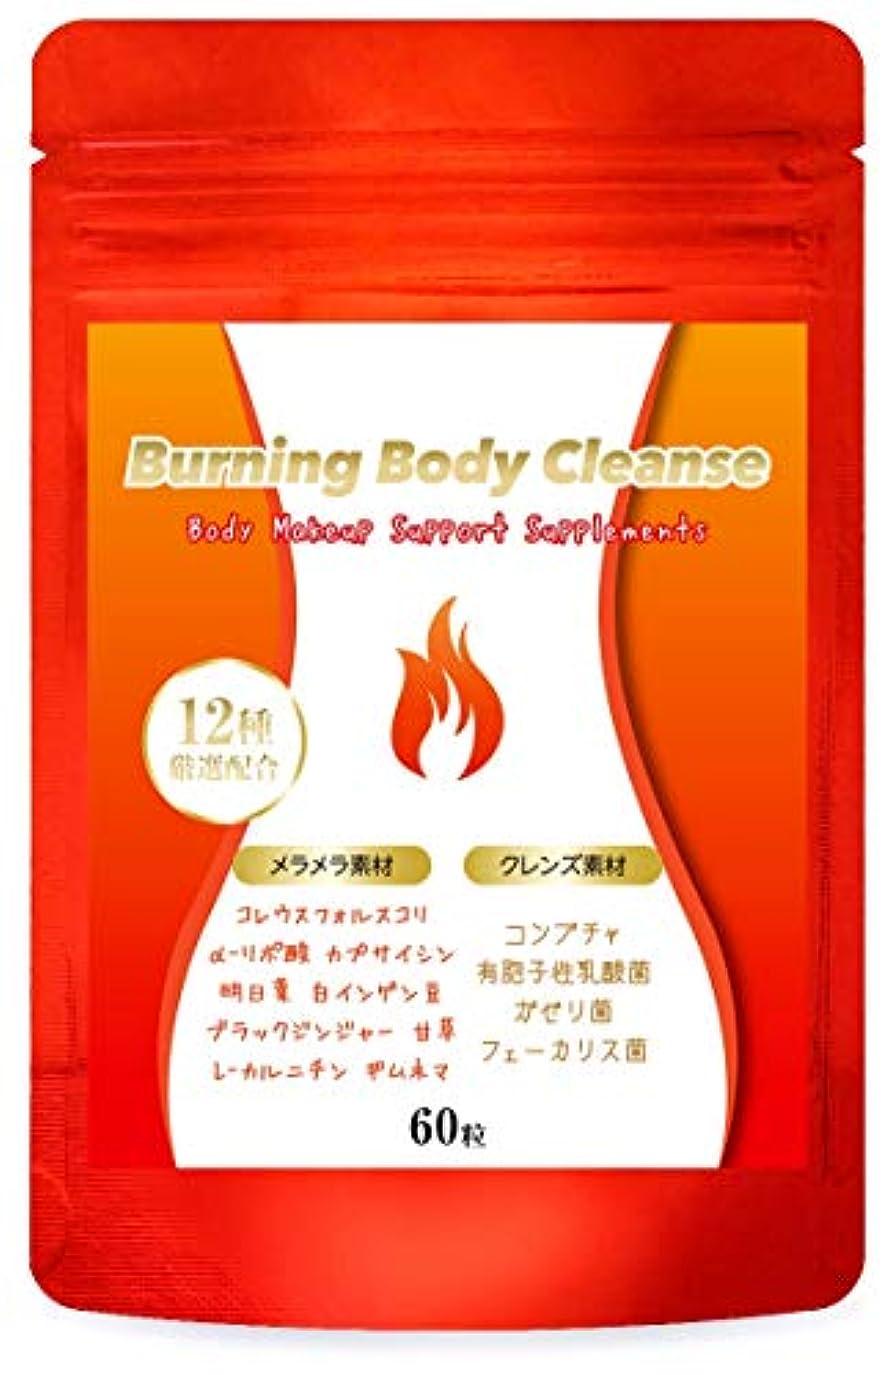 ダイエット サプリ Burning Body Cleanse 燃焼系 サプリメント コンブチャ クレンズ スリム 美ボディ サポート 60粒/30日分